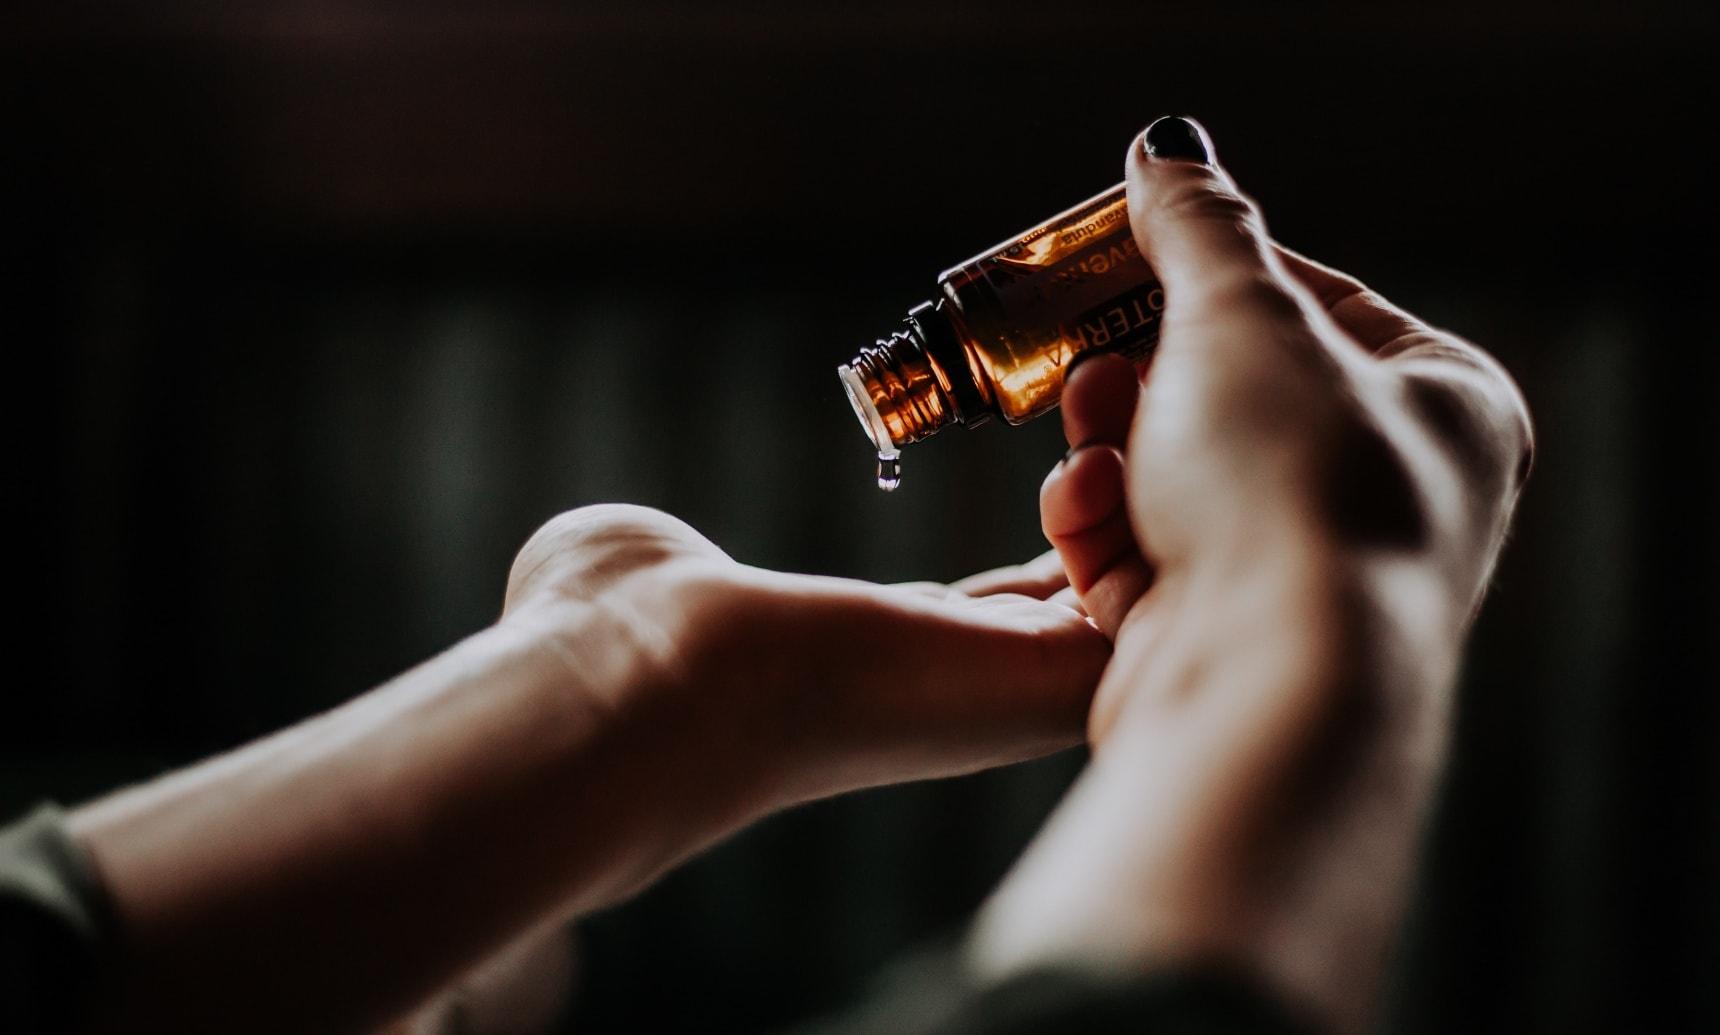 日本购物:权威皮肤科医生教你如何护肤!油皮必看(建议收藏)